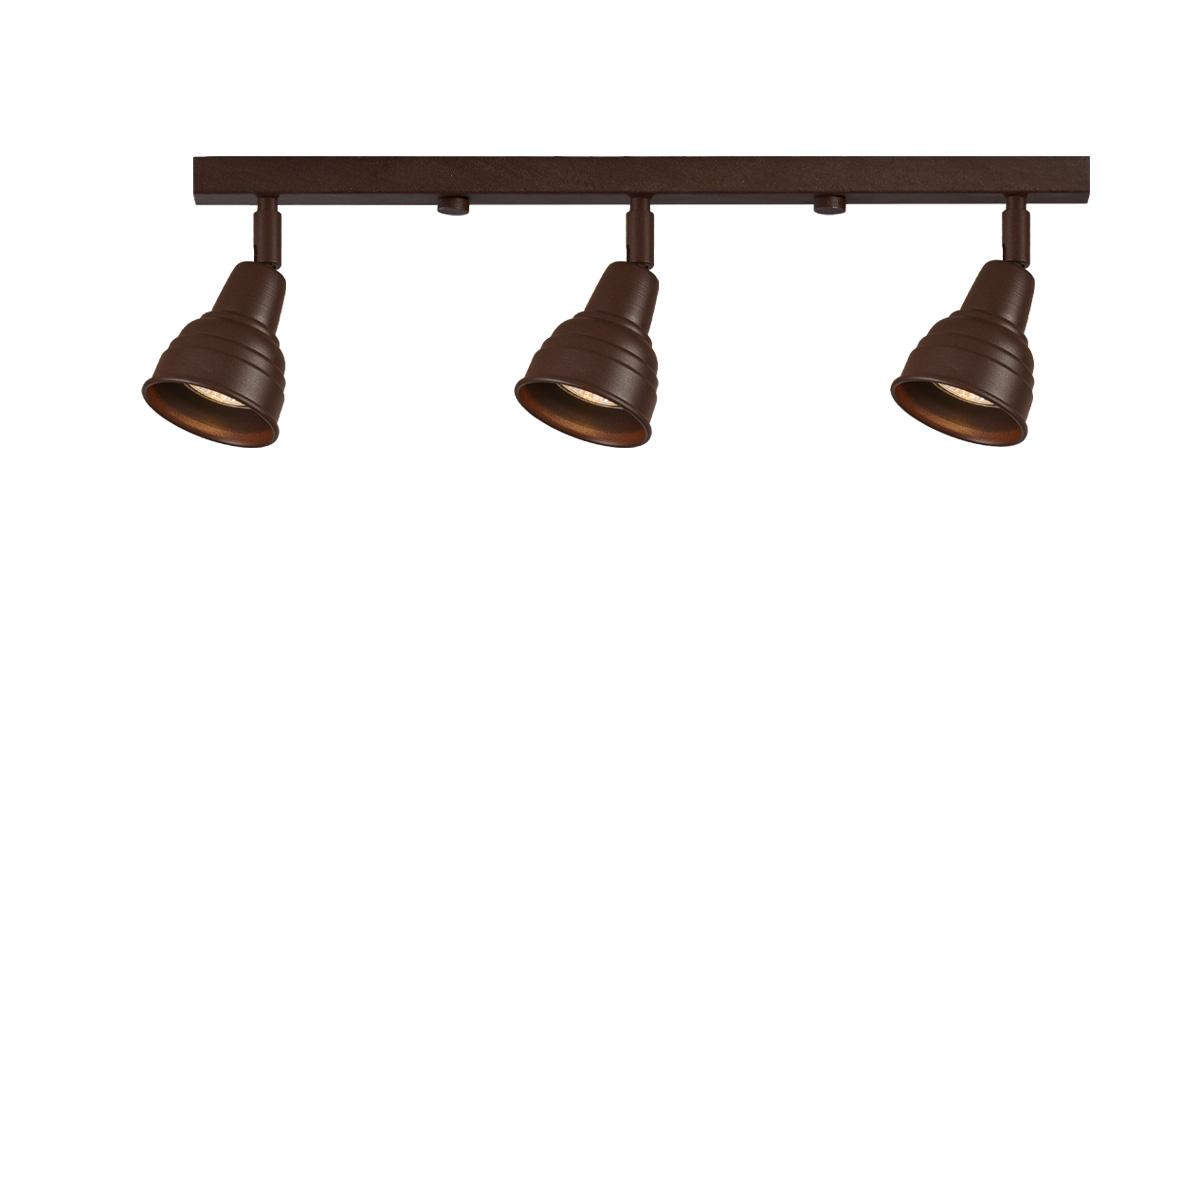 Ρουστίκ 3φωτη ράγα σε καφέ πατίνα ΙΟΣ brown patinated rustic spotlighting